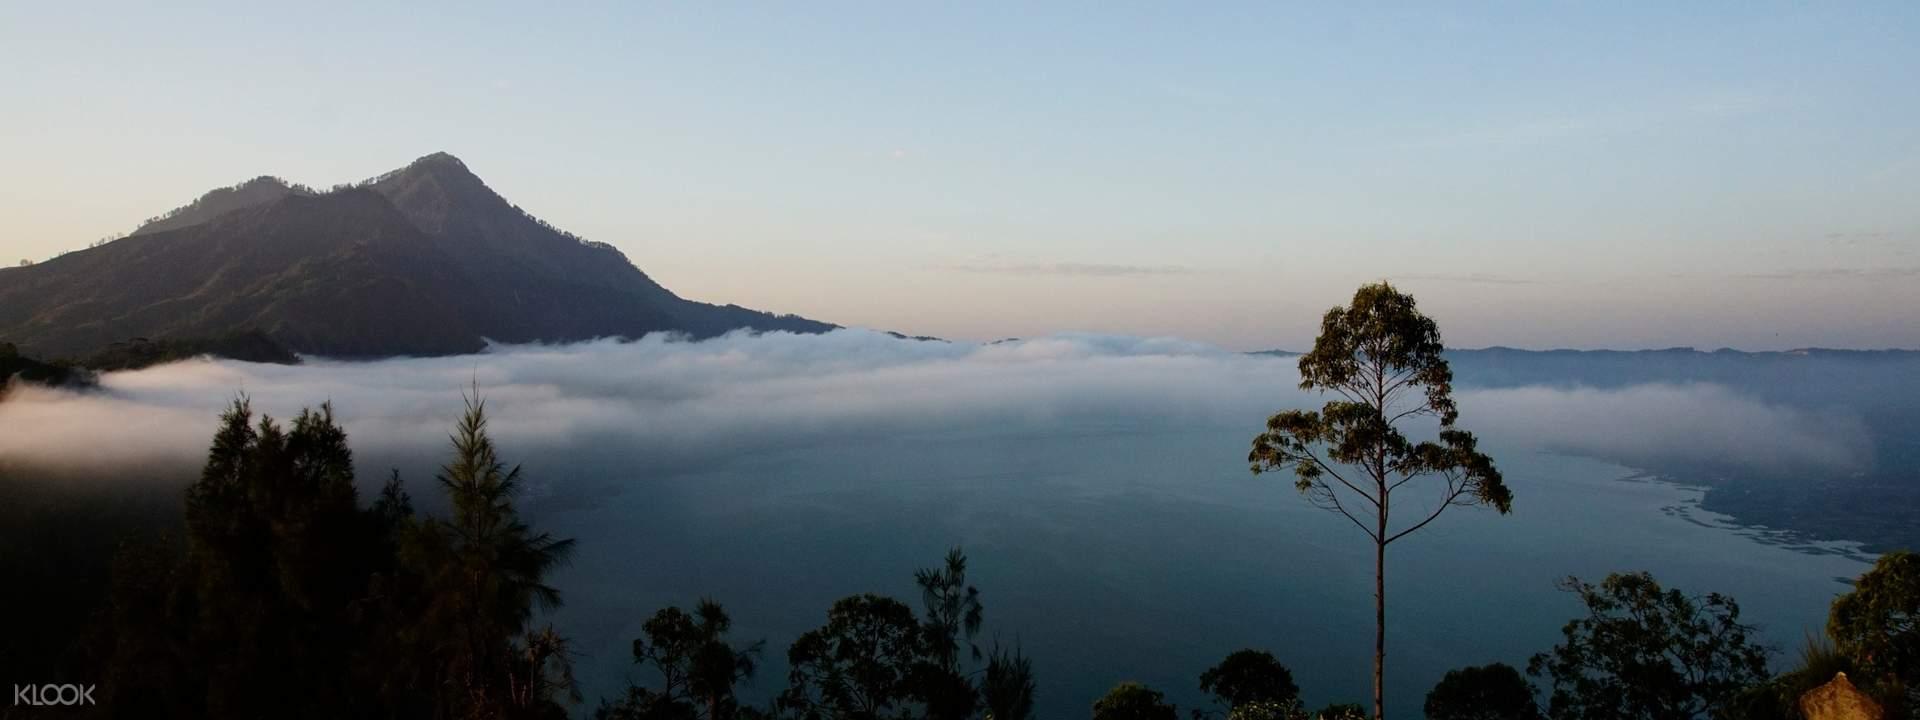 Mount Batur Caldera Sunrise Trekking Experience, Indonesia